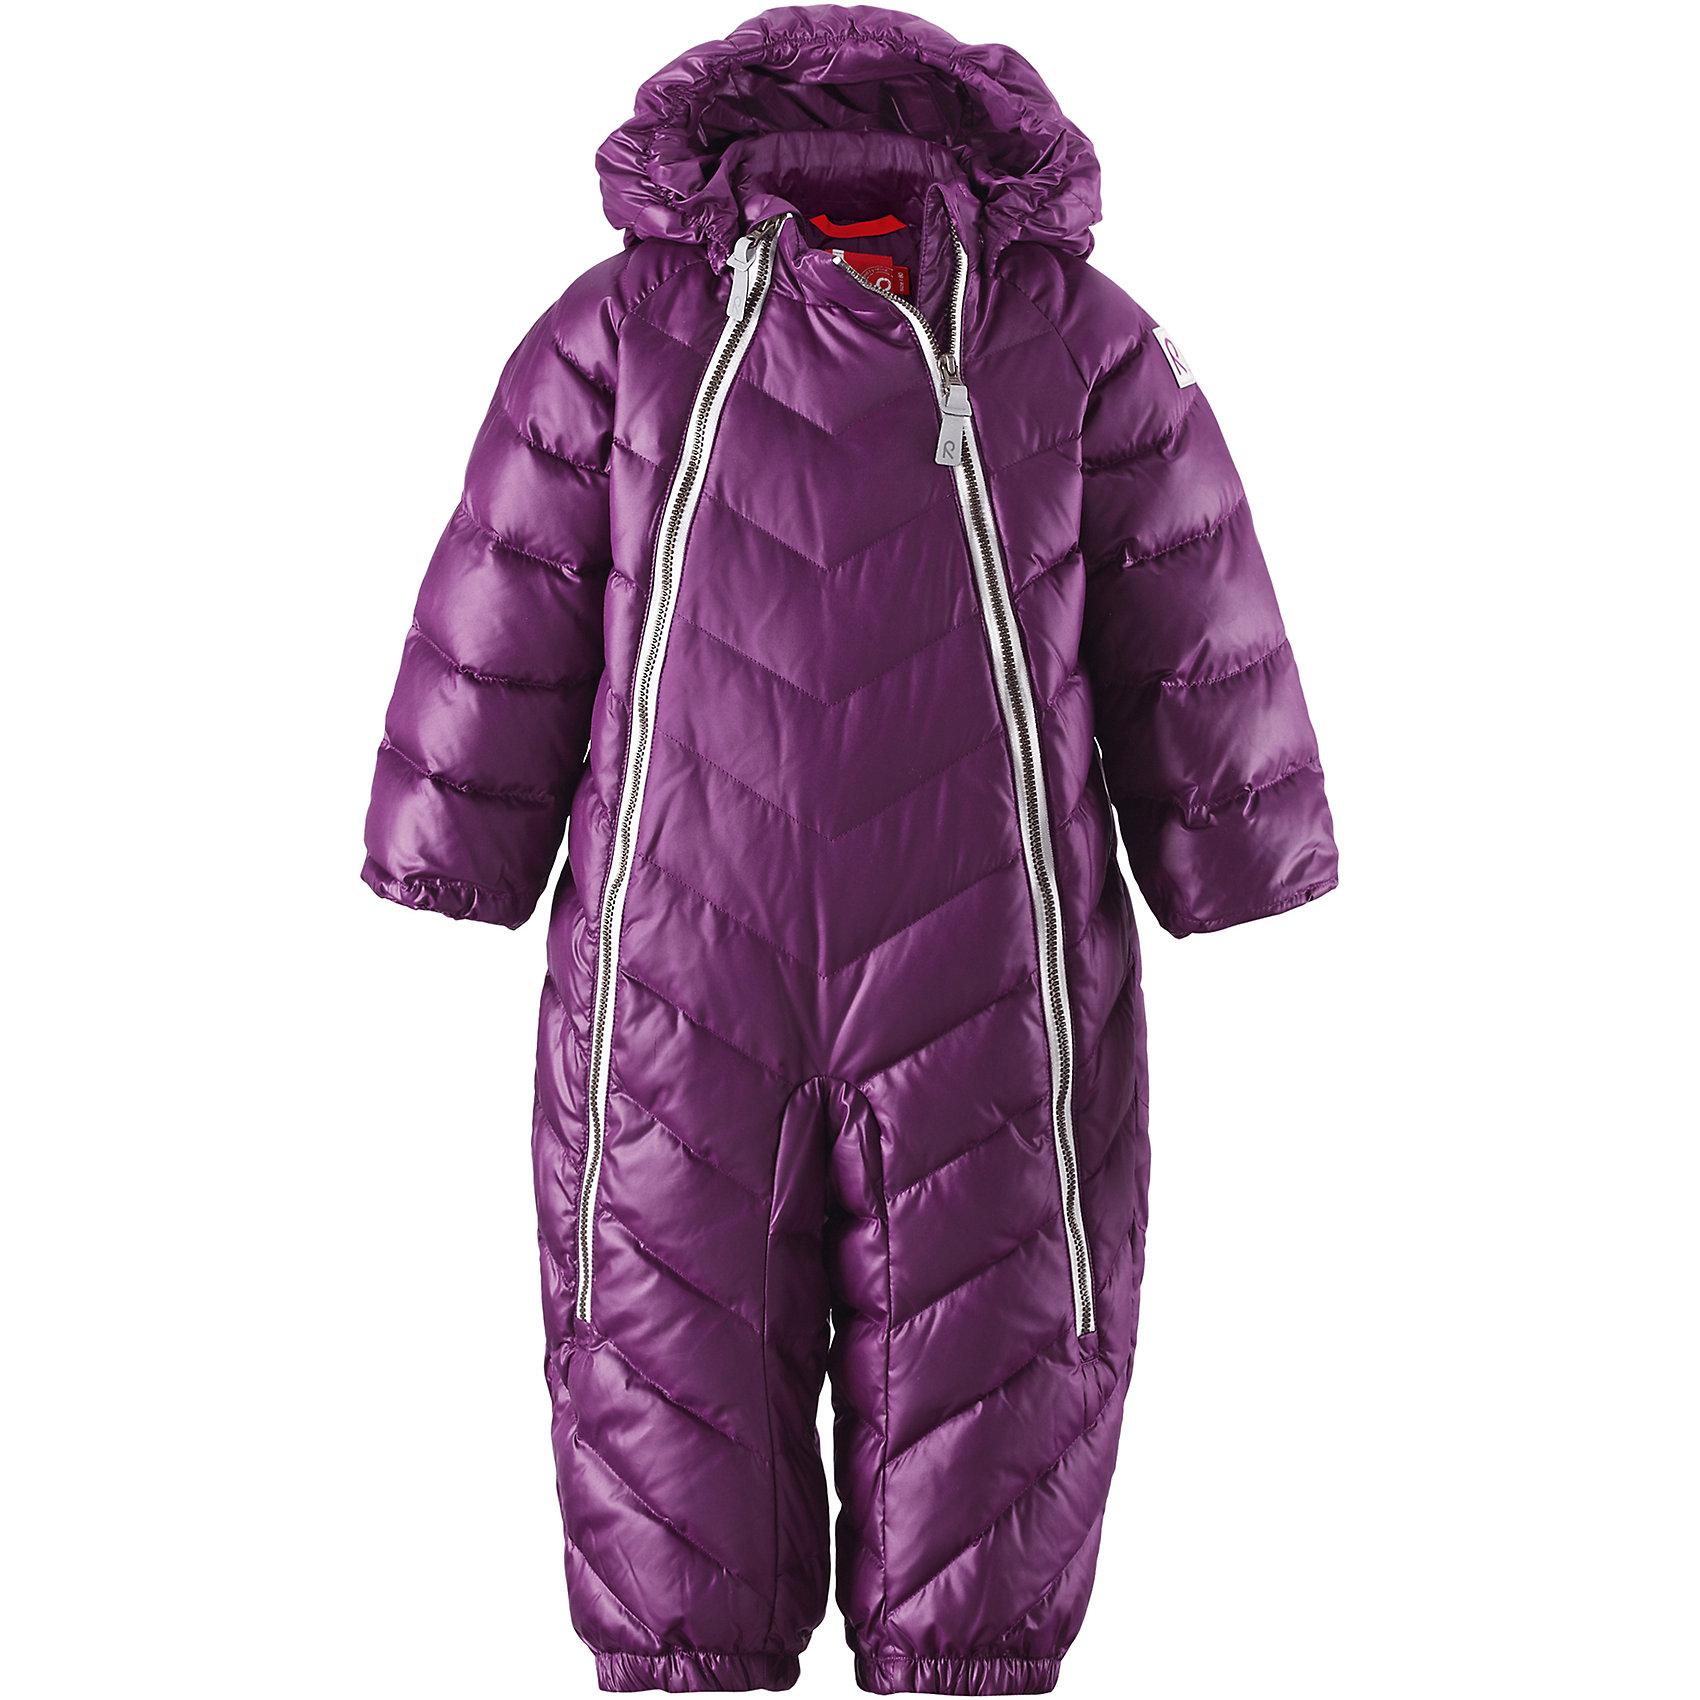 Комбинезон Unetus для девочки ReimaВерхняя одежда<br>Комбинезон  Reima<br>Пуховый комбинезон для малышей. Водоотталкивающий, ветронепроницаемый, «дышащий» и грязеотталкивающий материал. Гладкая подкладка из полиэстра. В качестве утеплителя использованы пух и перо (60%/40%). Безопасный, съемный капюшон. Эластичные манжеты. Съемные эластичные штрипки. Две длинные молнии для удобного надевания. Безопасные светоотражающие детали.<br>Уход:<br>Стирать по отдельности, вывернув наизнанку. Застегнуть молнии и липучки. Стирать моющим средством, не содержащим отбеливающие вещества. Полоскать без специального средства. Во избежание изменения цвета изделие необходимо вынуть из стиральной машинки незамедлительно после окончания программы стирки. Барабанное сушение при низкой температуре с 3 теннисными мячиками. Выверните изделие наизнанку в середине сушки.<br>Состав:<br>100% Полиэстер<br><br>Ширина мм: 599<br>Глубина мм: 347<br>Высота мм: 43<br>Вес г: 446<br>Цвет: фиолетовый<br>Возраст от месяцев: 3<br>Возраст до месяцев: 5<br>Пол: Женский<br>Возраст: Детский<br>Размер: 62,68,74,92,86,80<br>SKU: 4775842